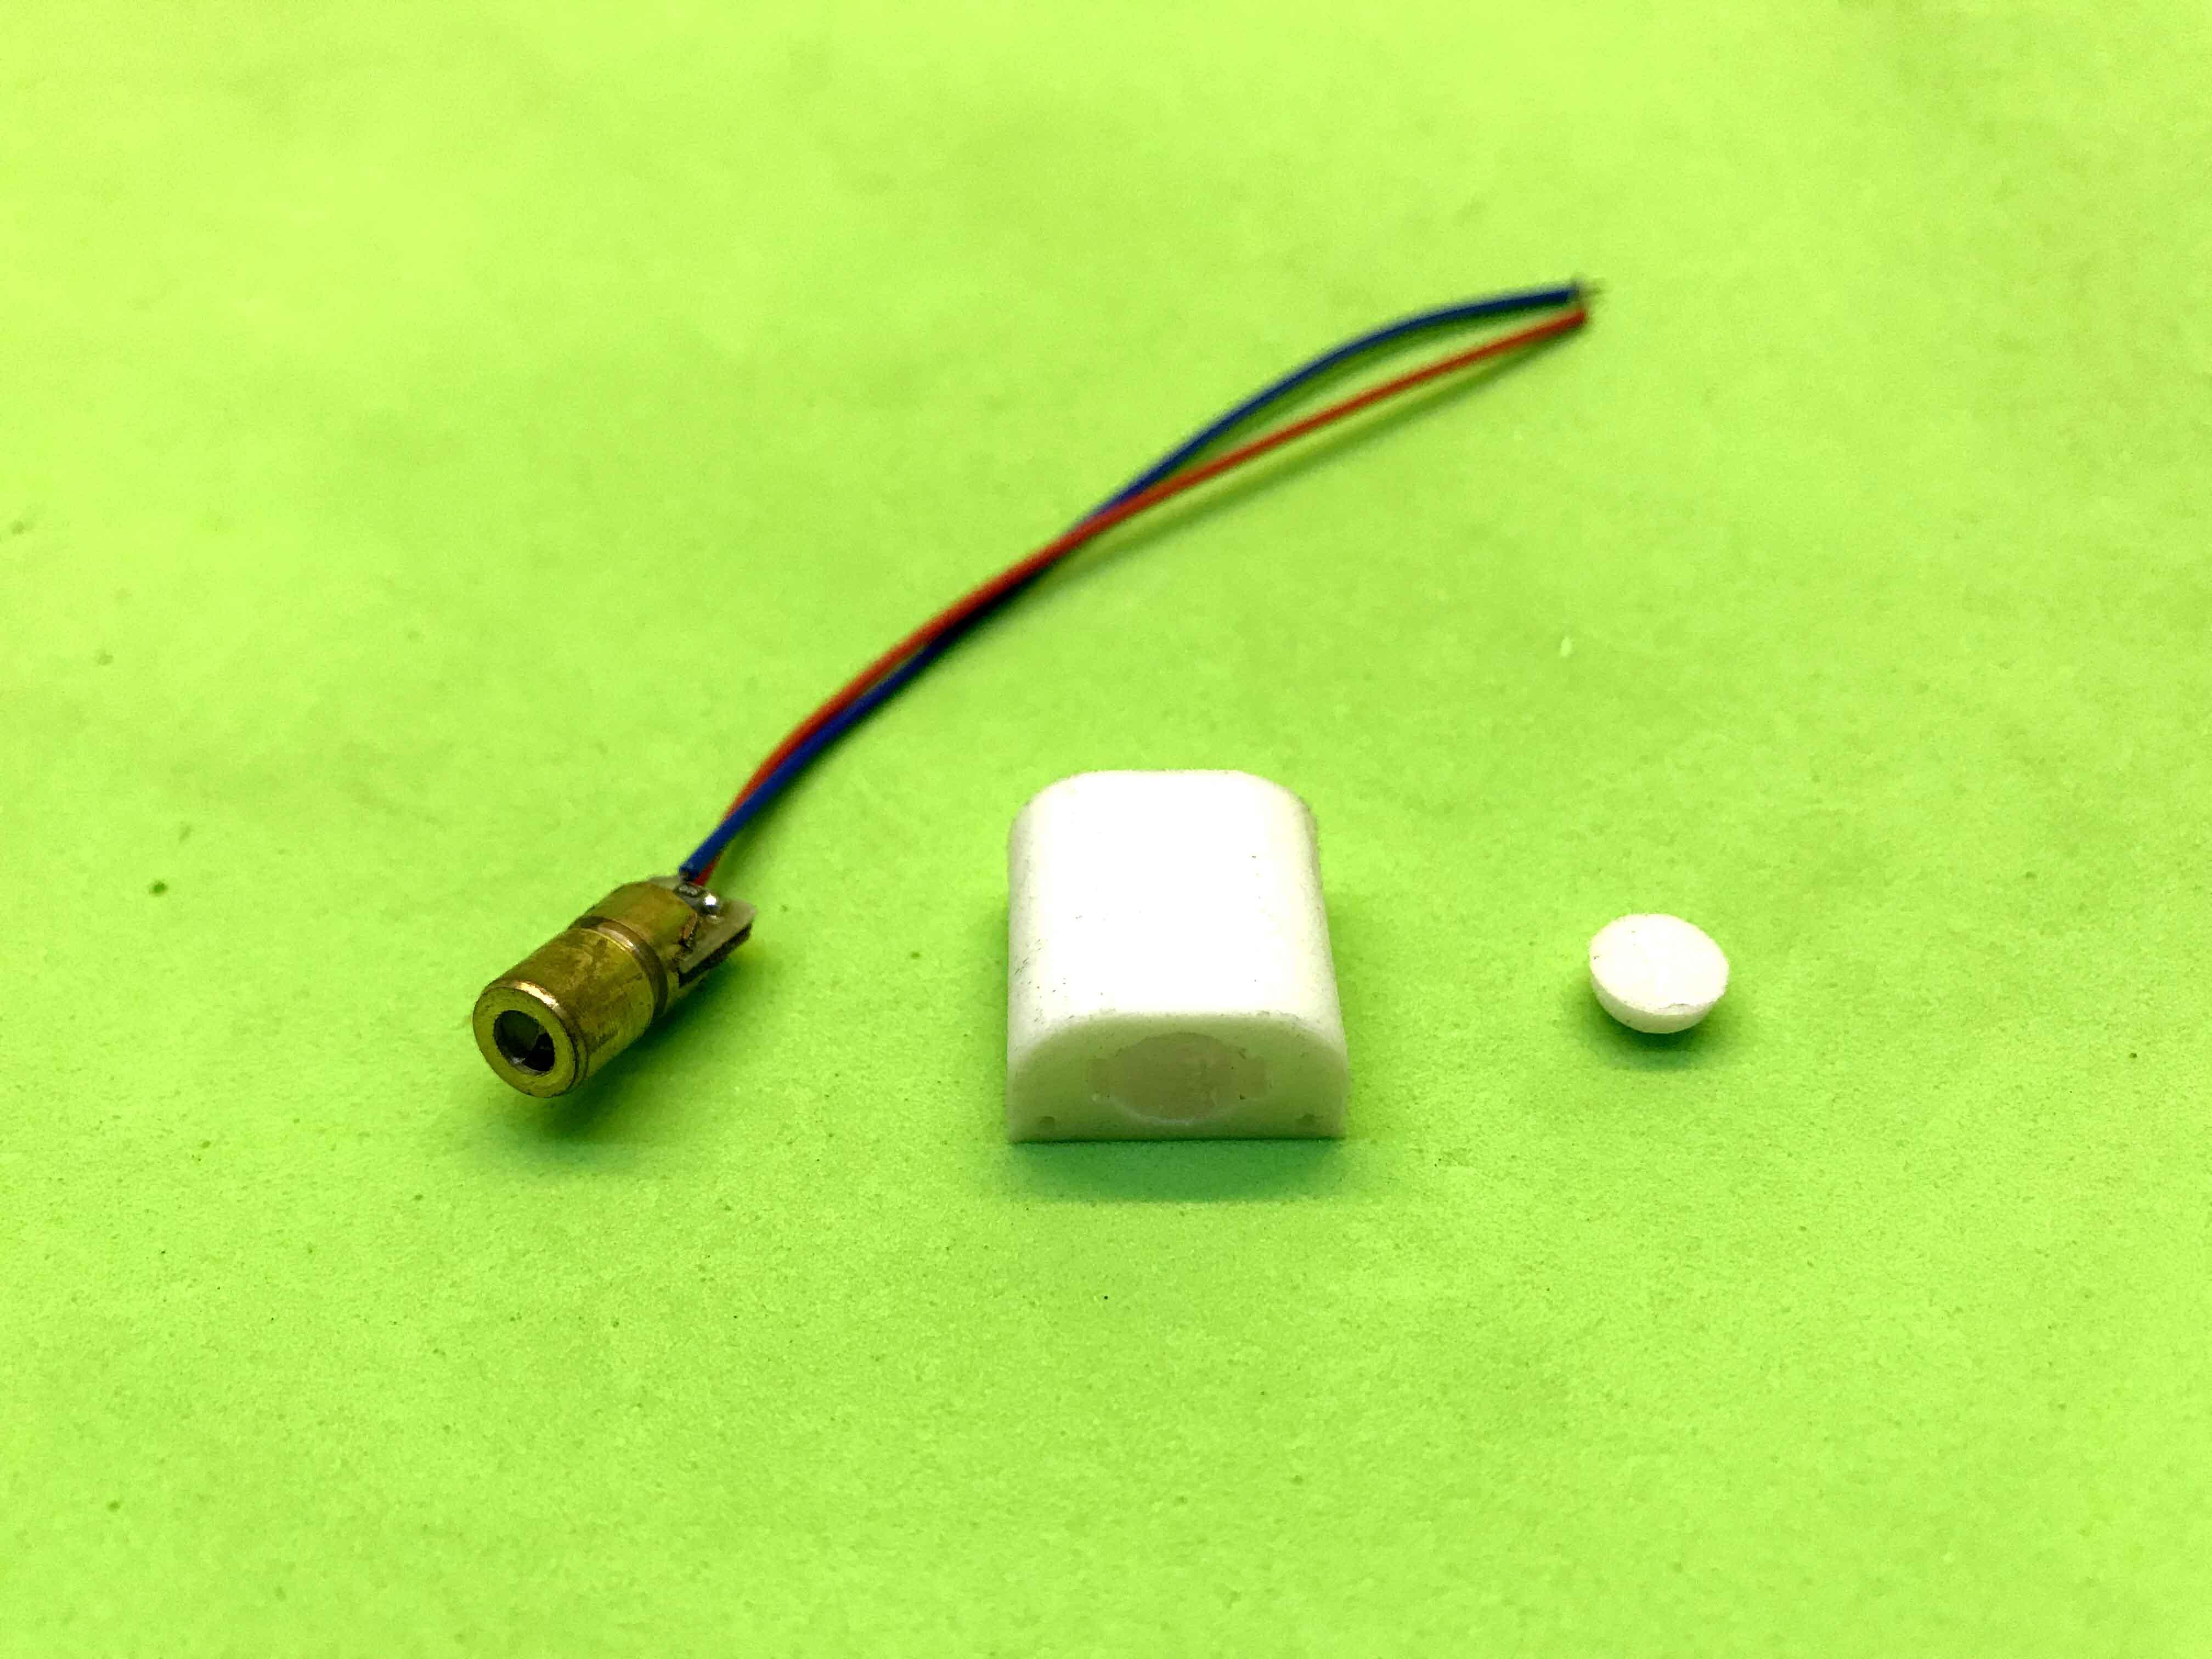 Laser 3V 0.5mW điểm tròn có gá đỡ